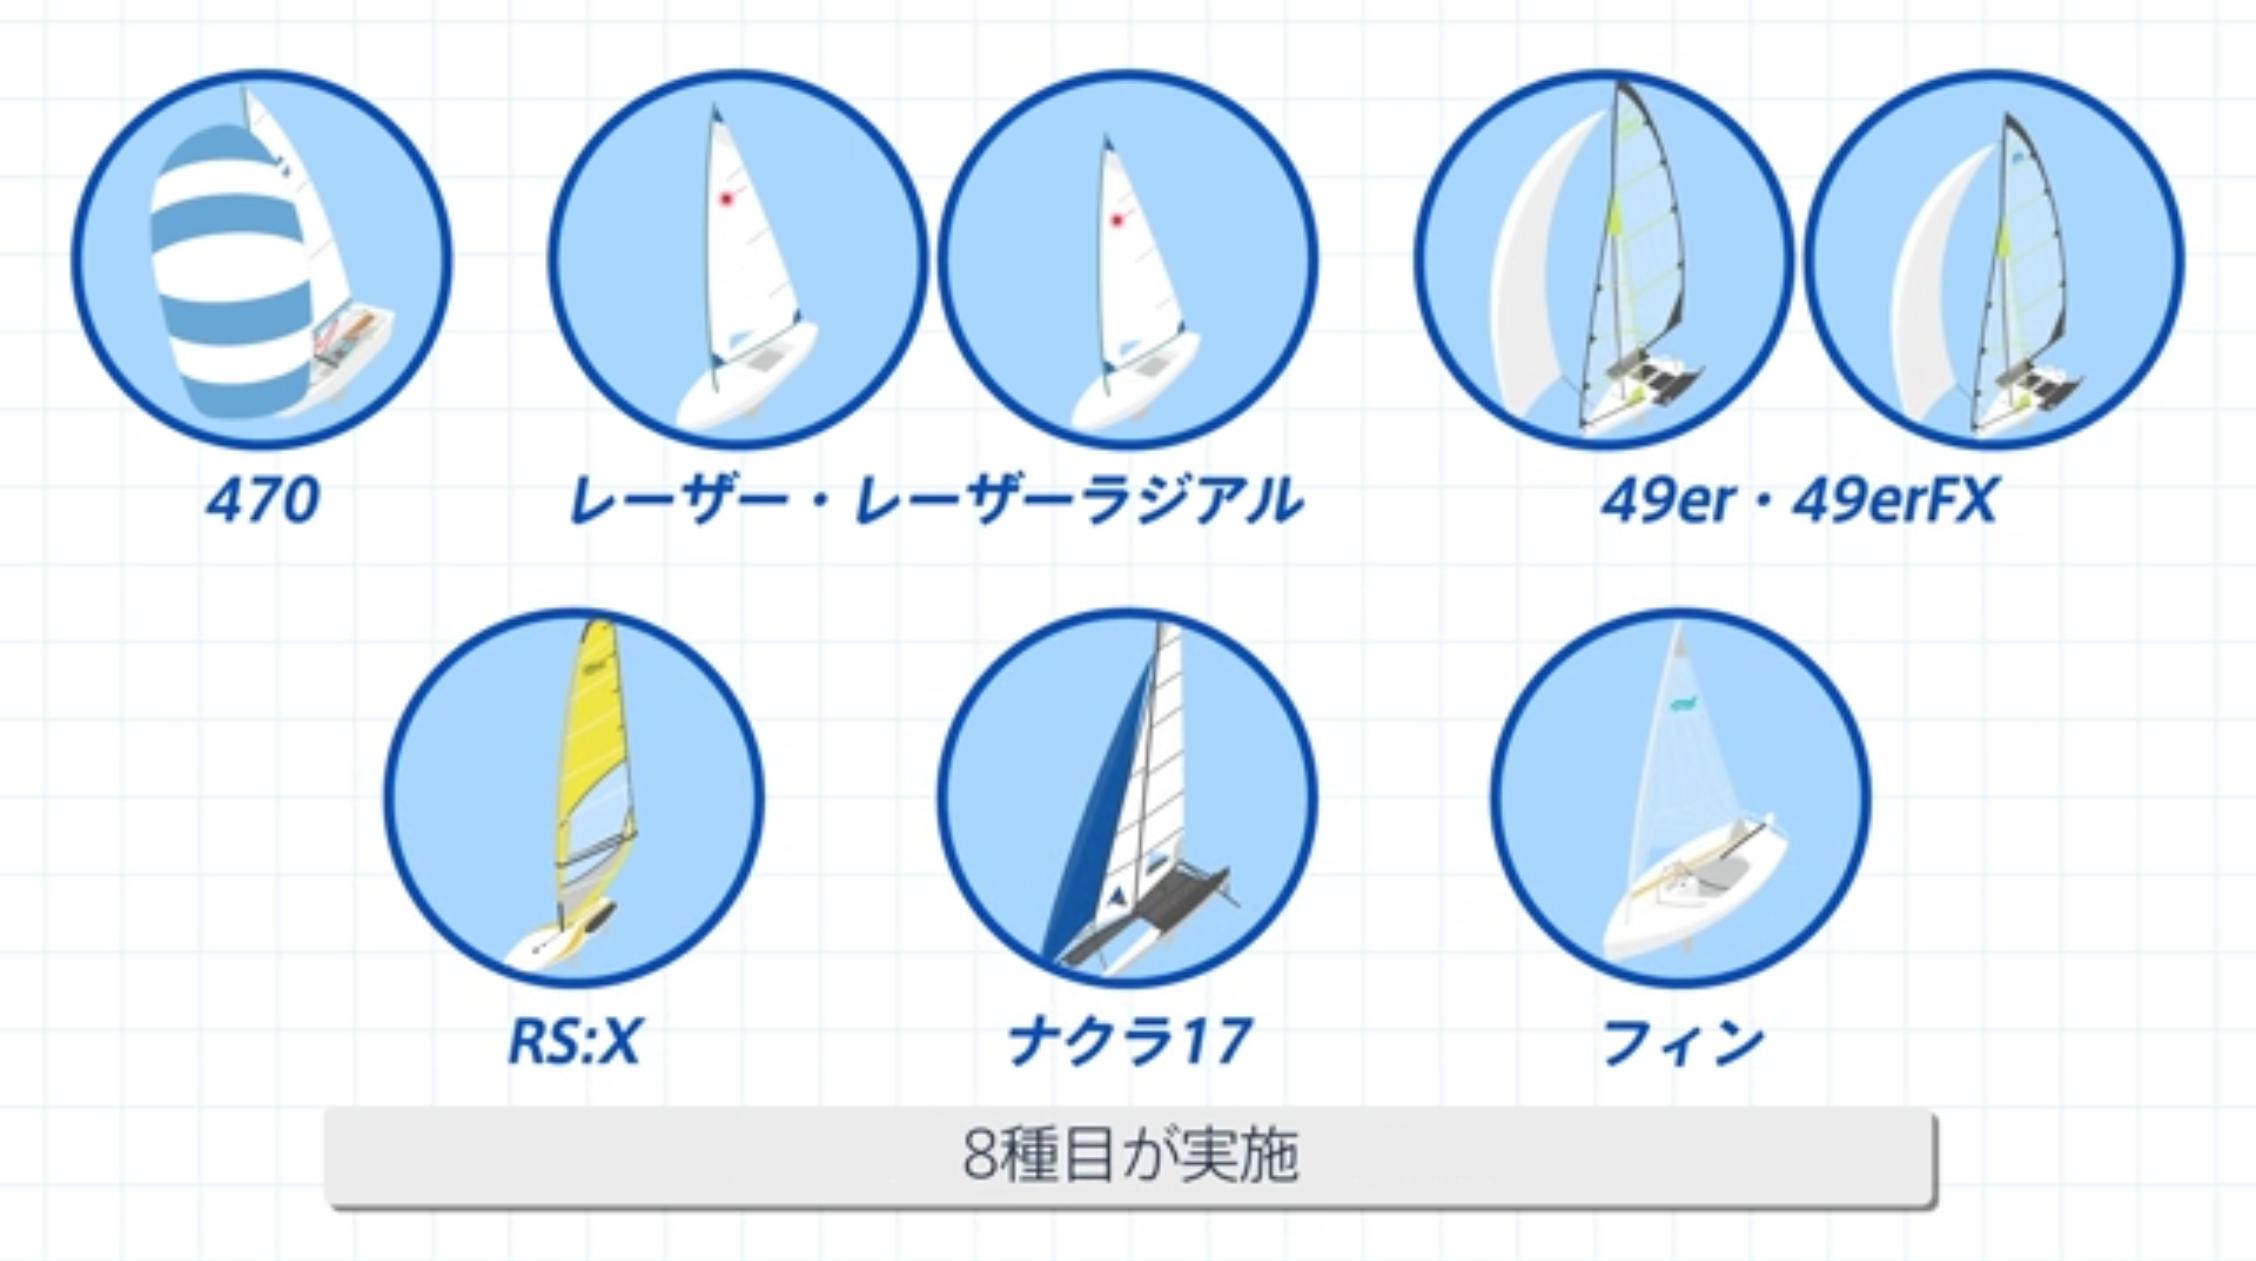 【東京五輪・競技紹介】セーリング